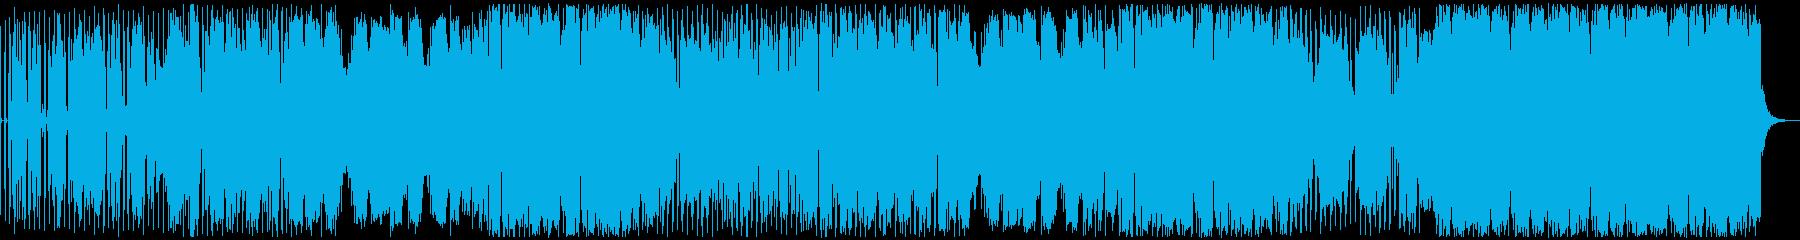 ファンクなシンセ曲の再生済みの波形